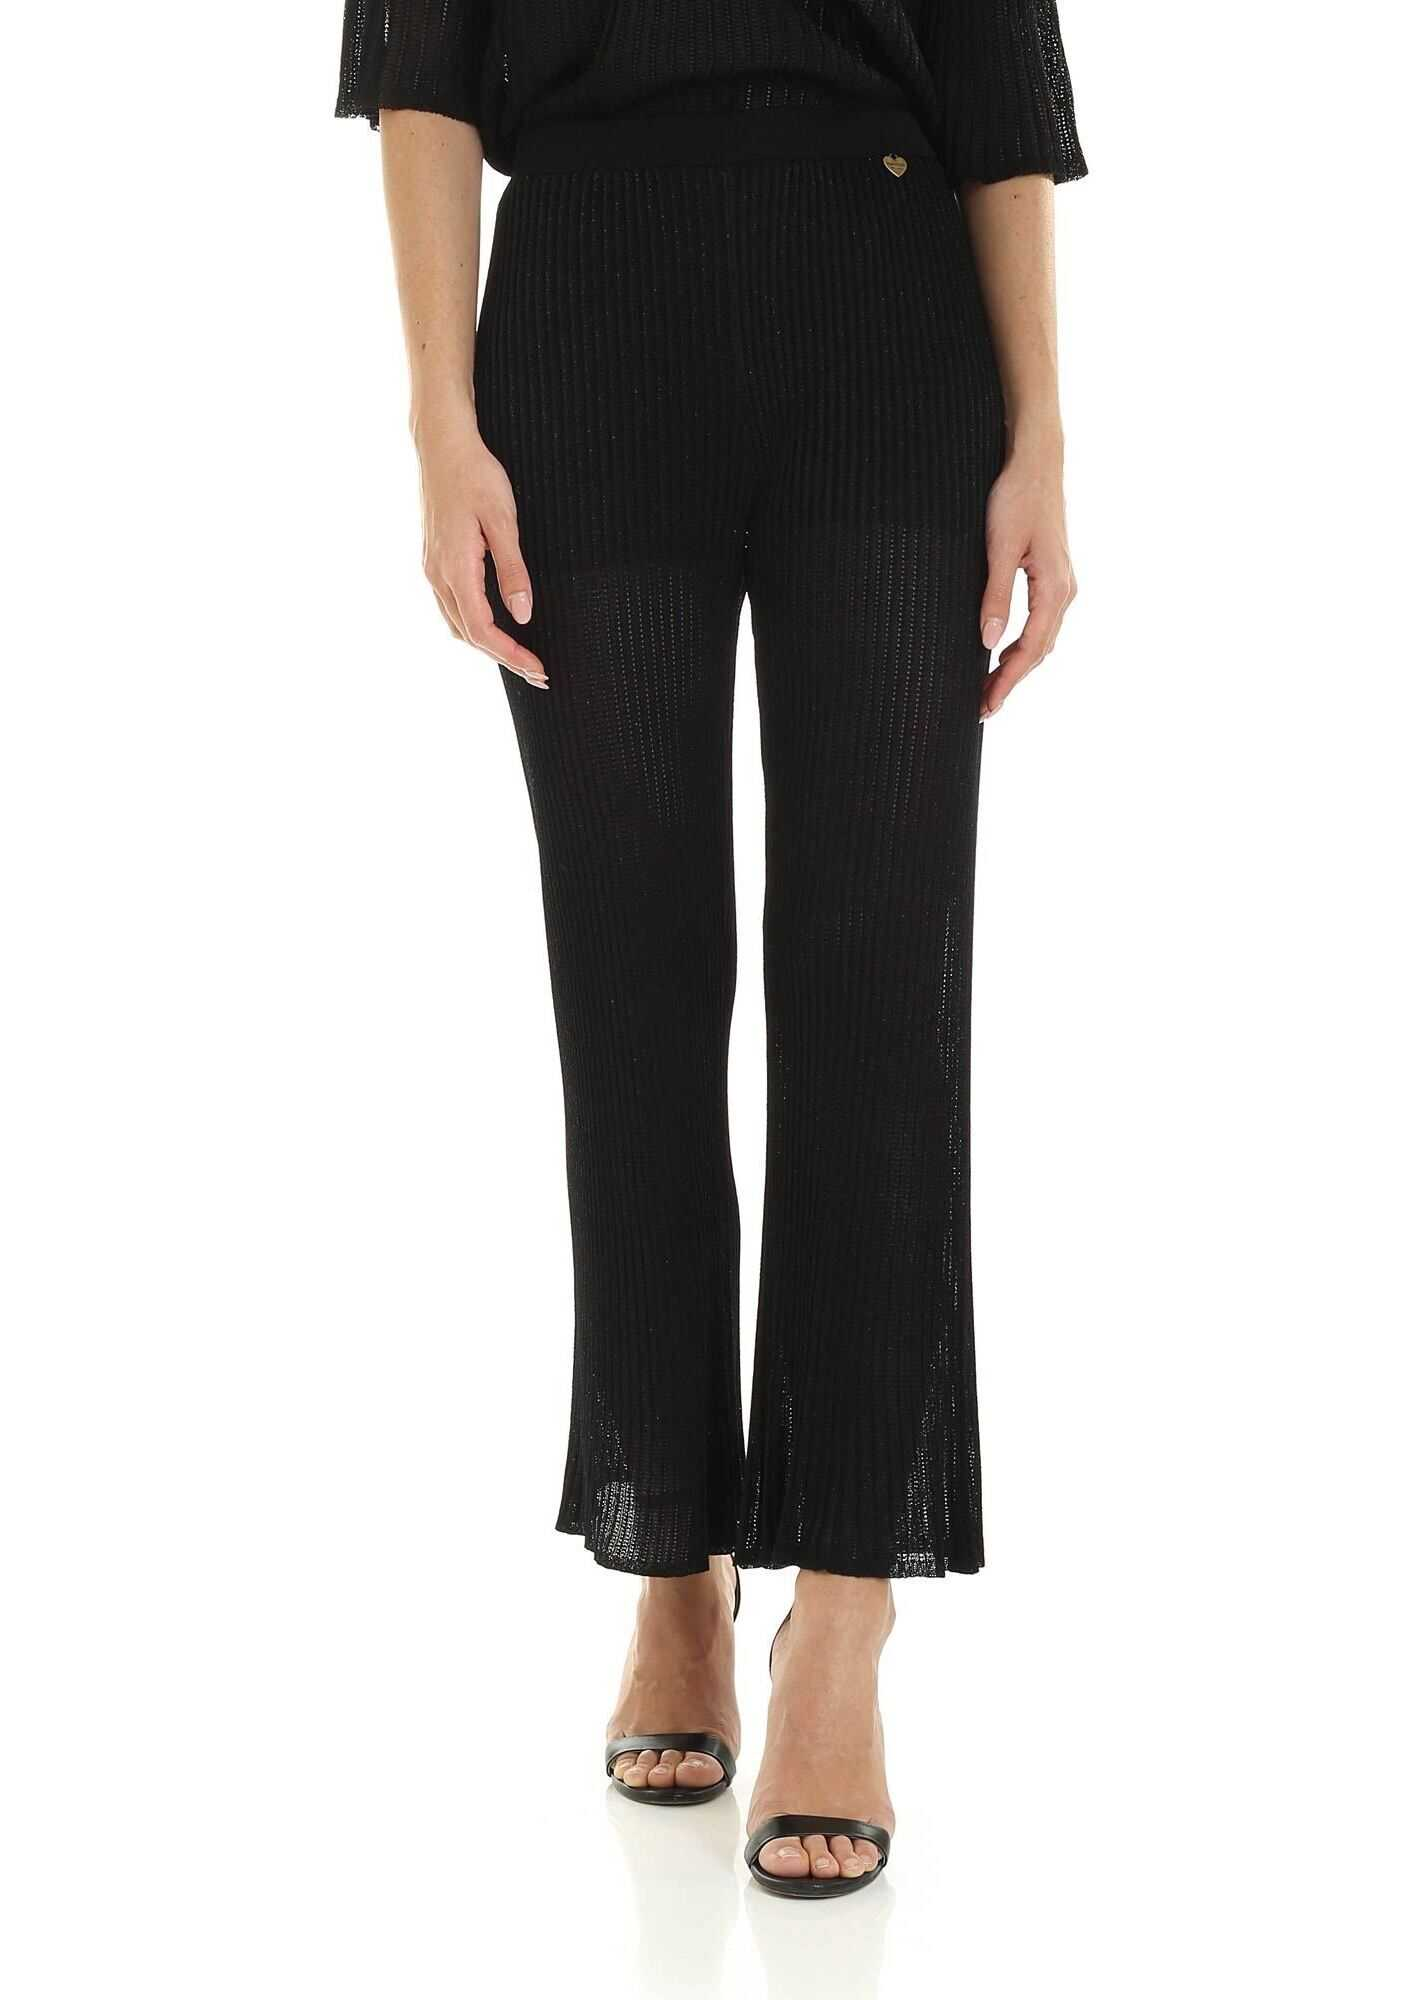 Twin-set Simona Barbieri Black Lamé Jersey Bootcut Pants Black